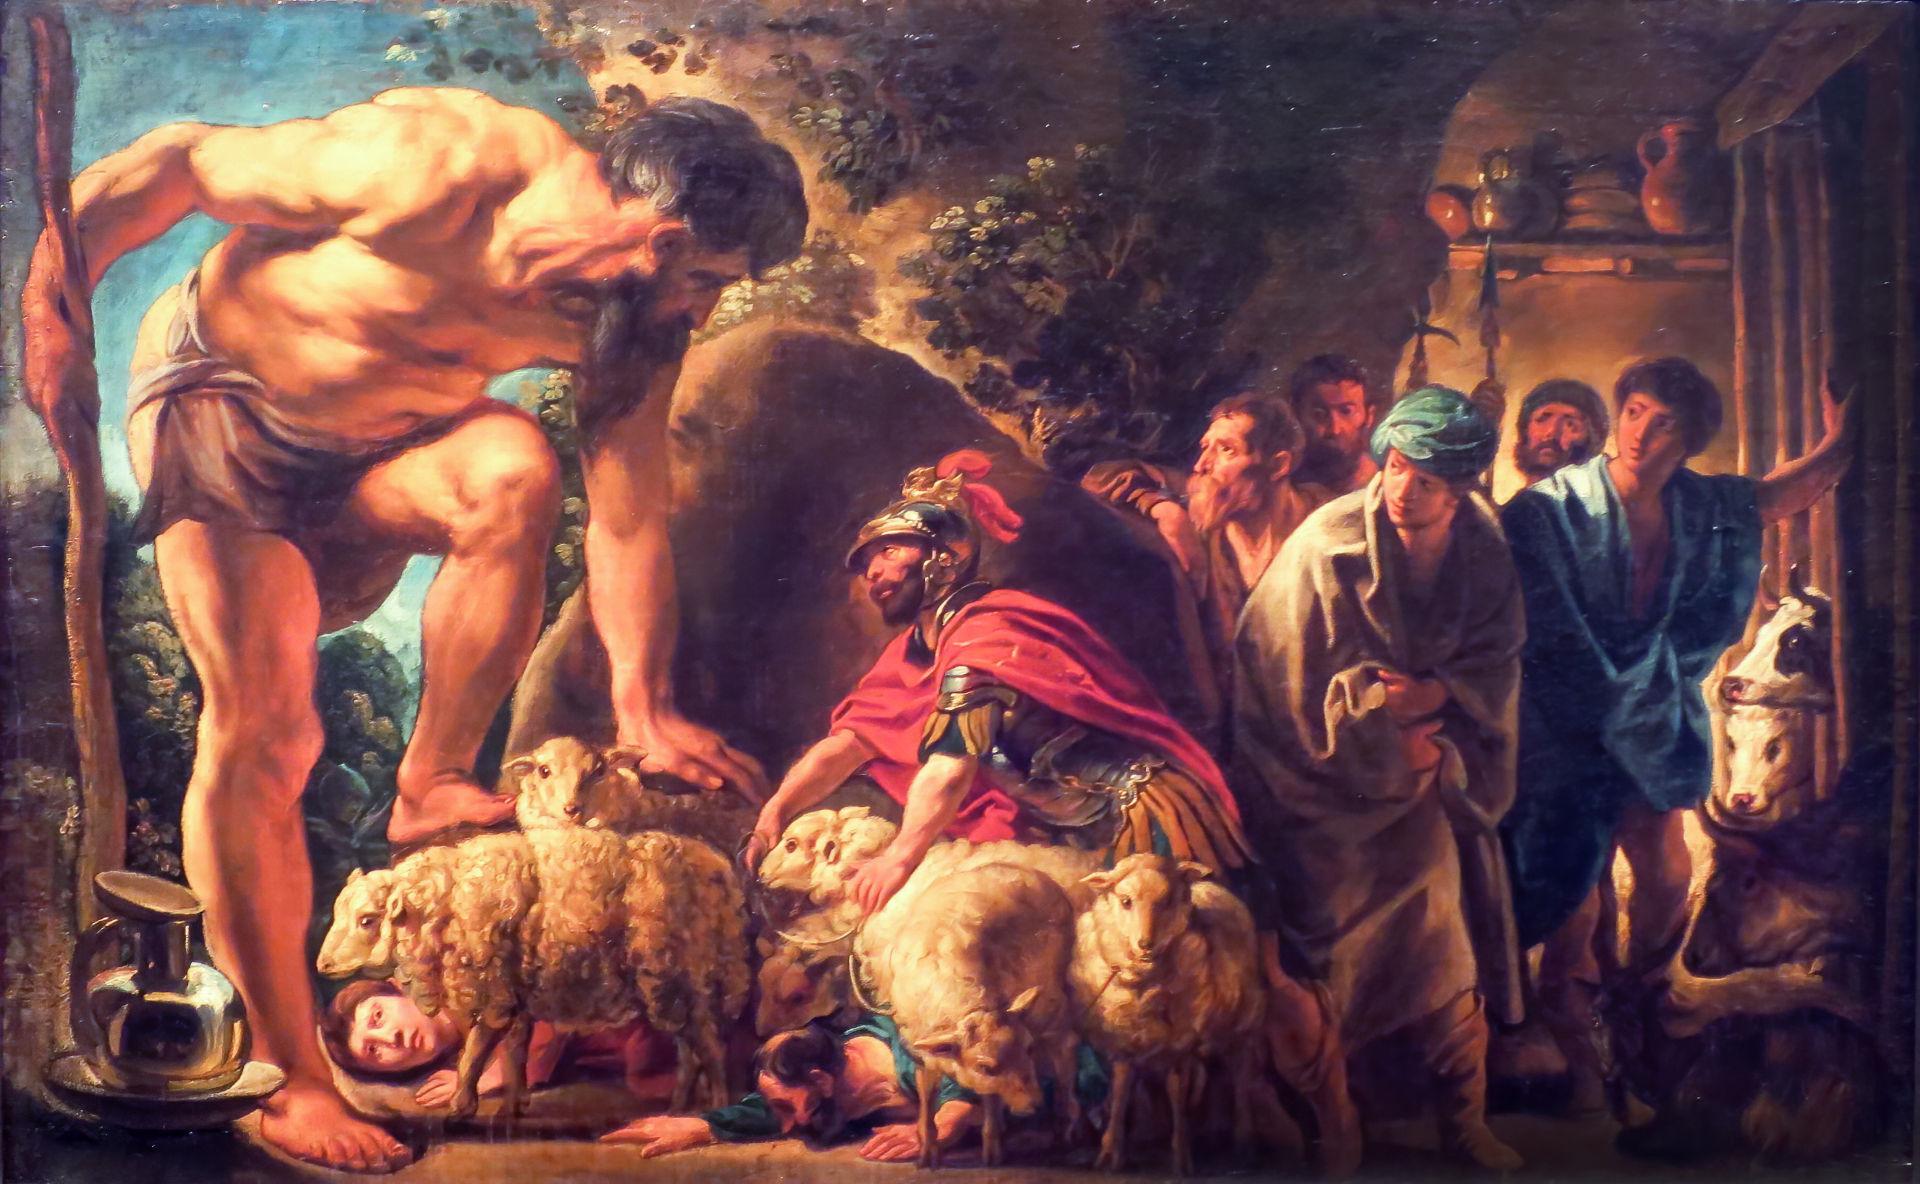 L'Odyssée, le rusé Ulysse et les monstres